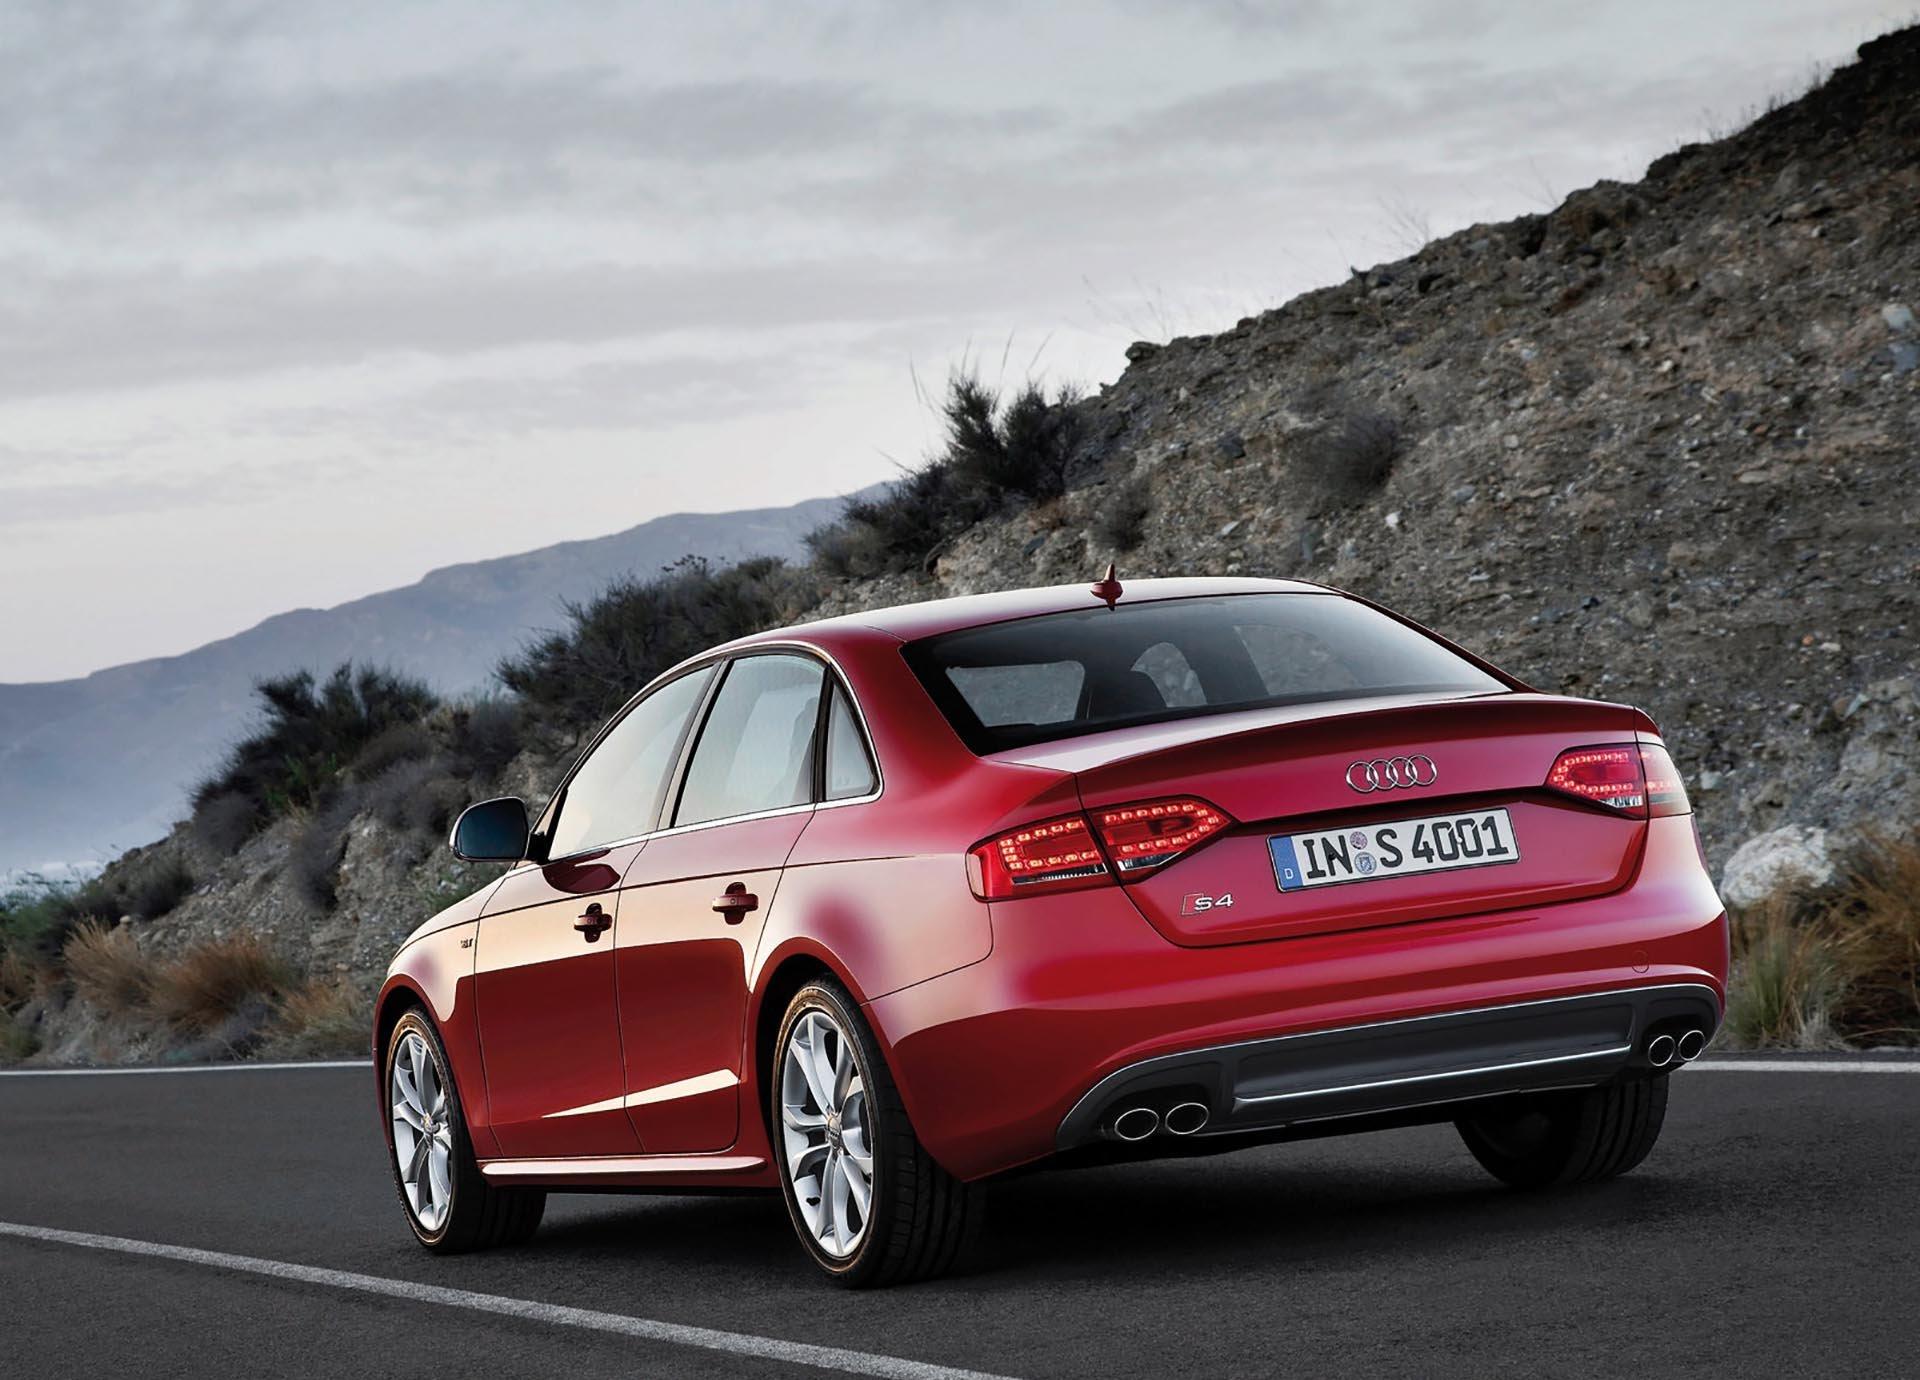 11_B8 Audi S4 rear